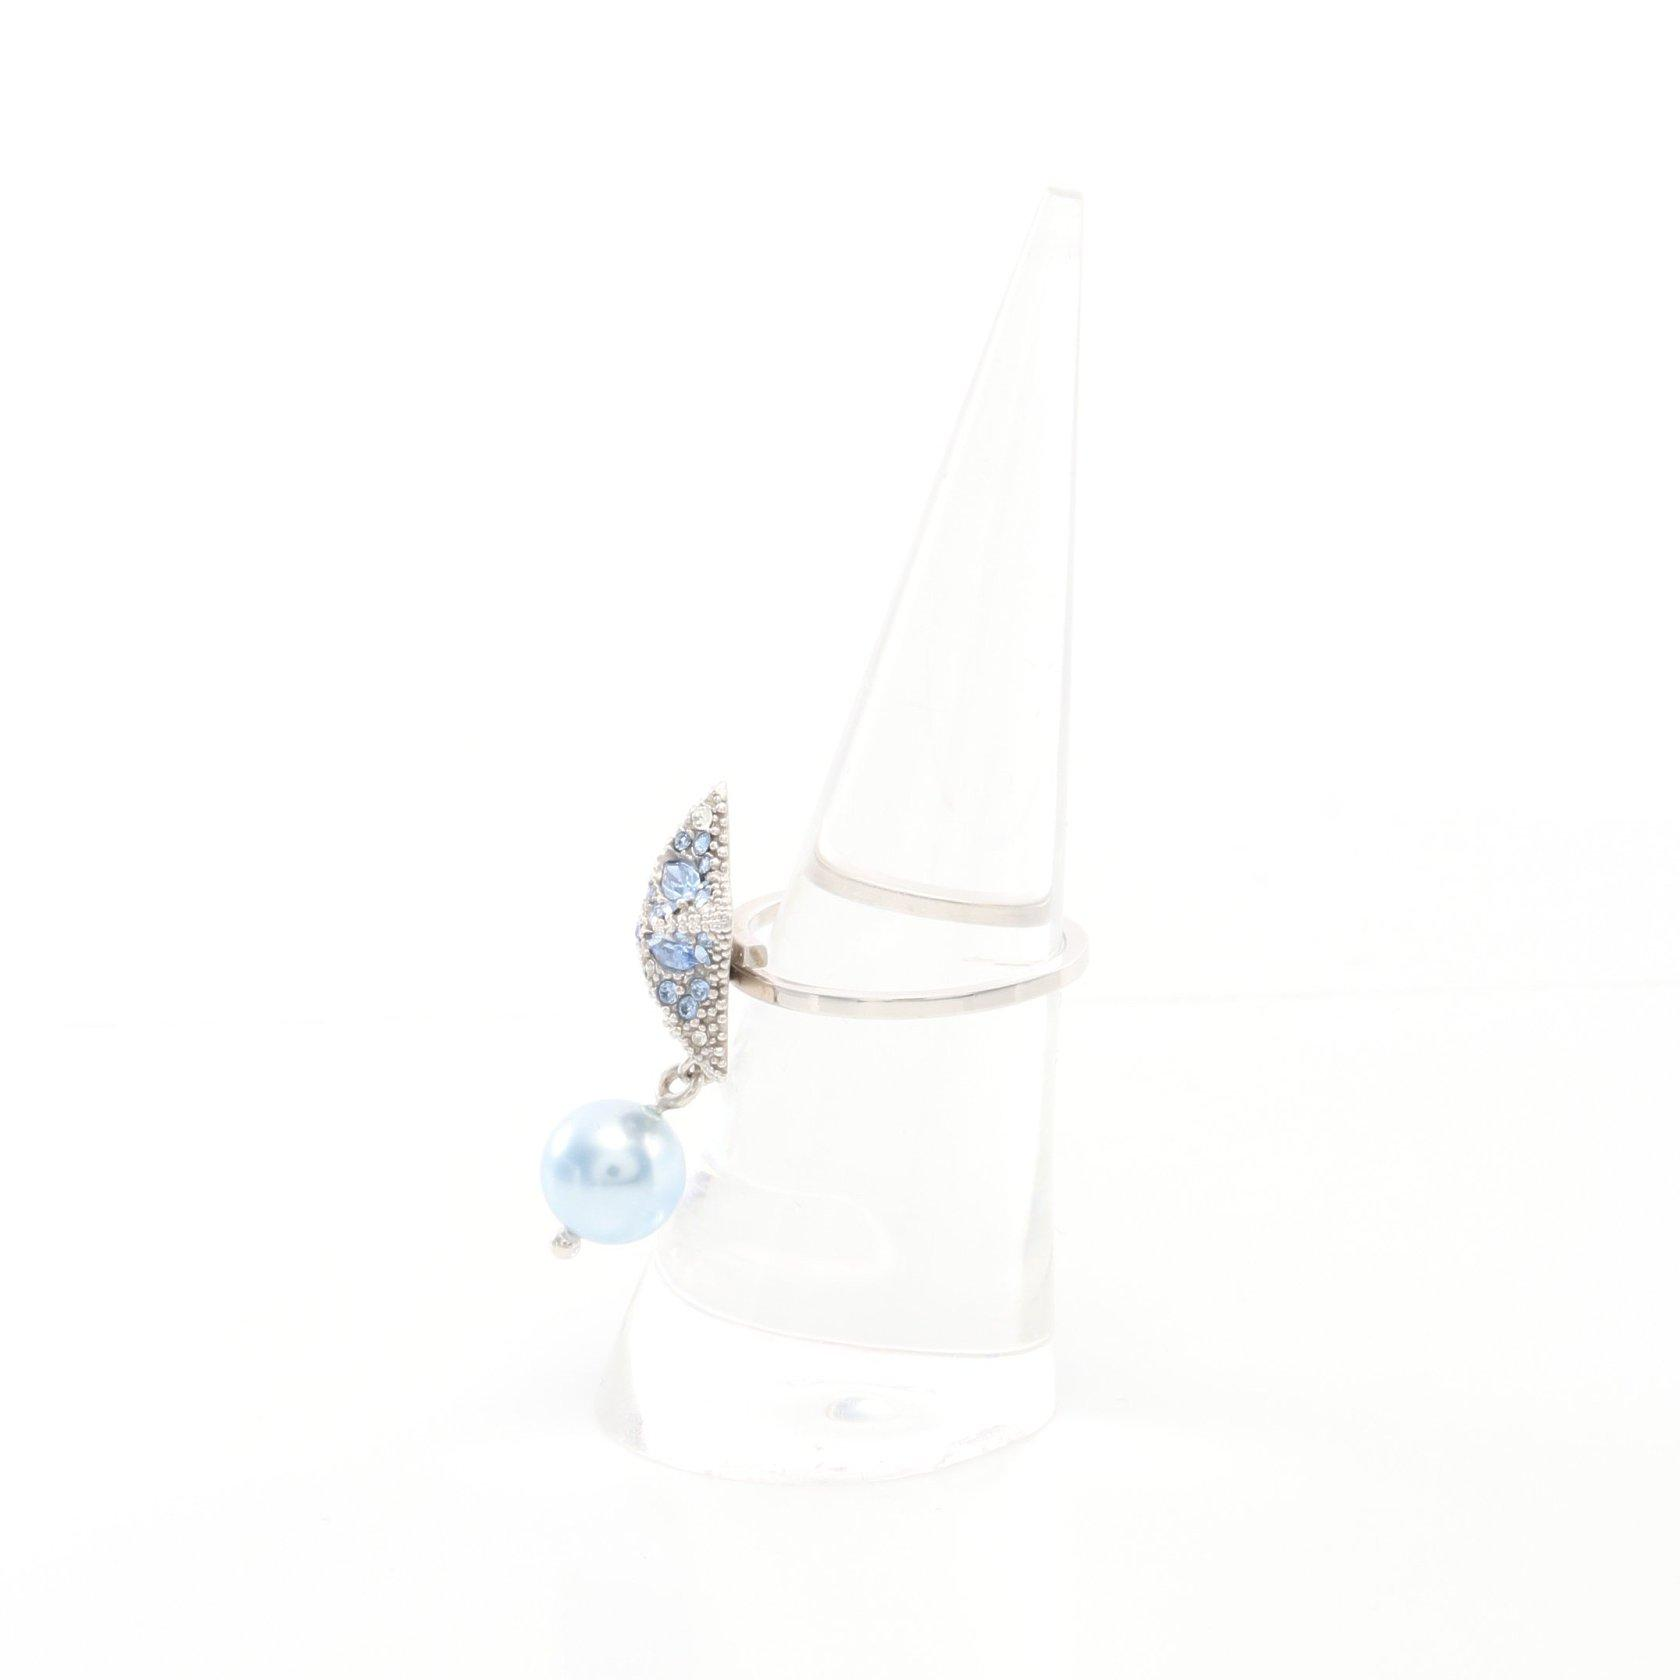 miu miu・アクセサリー・リング 指輪 SV925 カラーストーン シルバー ライトブルー スター